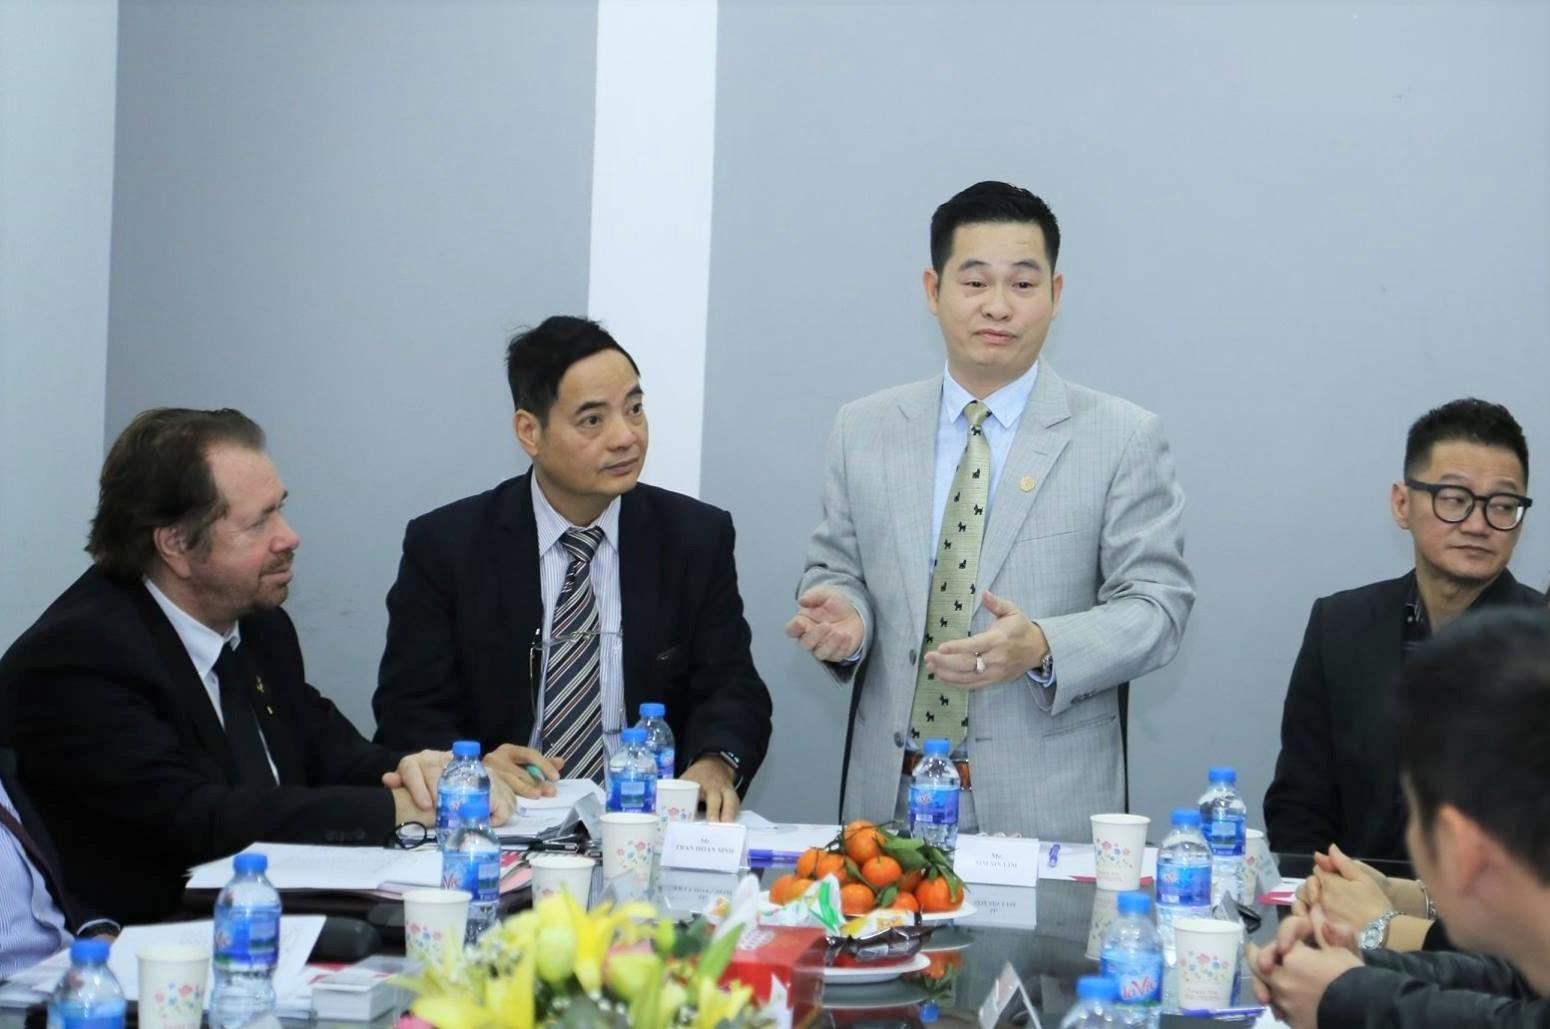 Ông Trần Hoàn Sinh - Tổng giám đốc của iSalon (thứ ba từ trái qua) trong một cuộc họp với đối tác. Ảnh: iSalon.